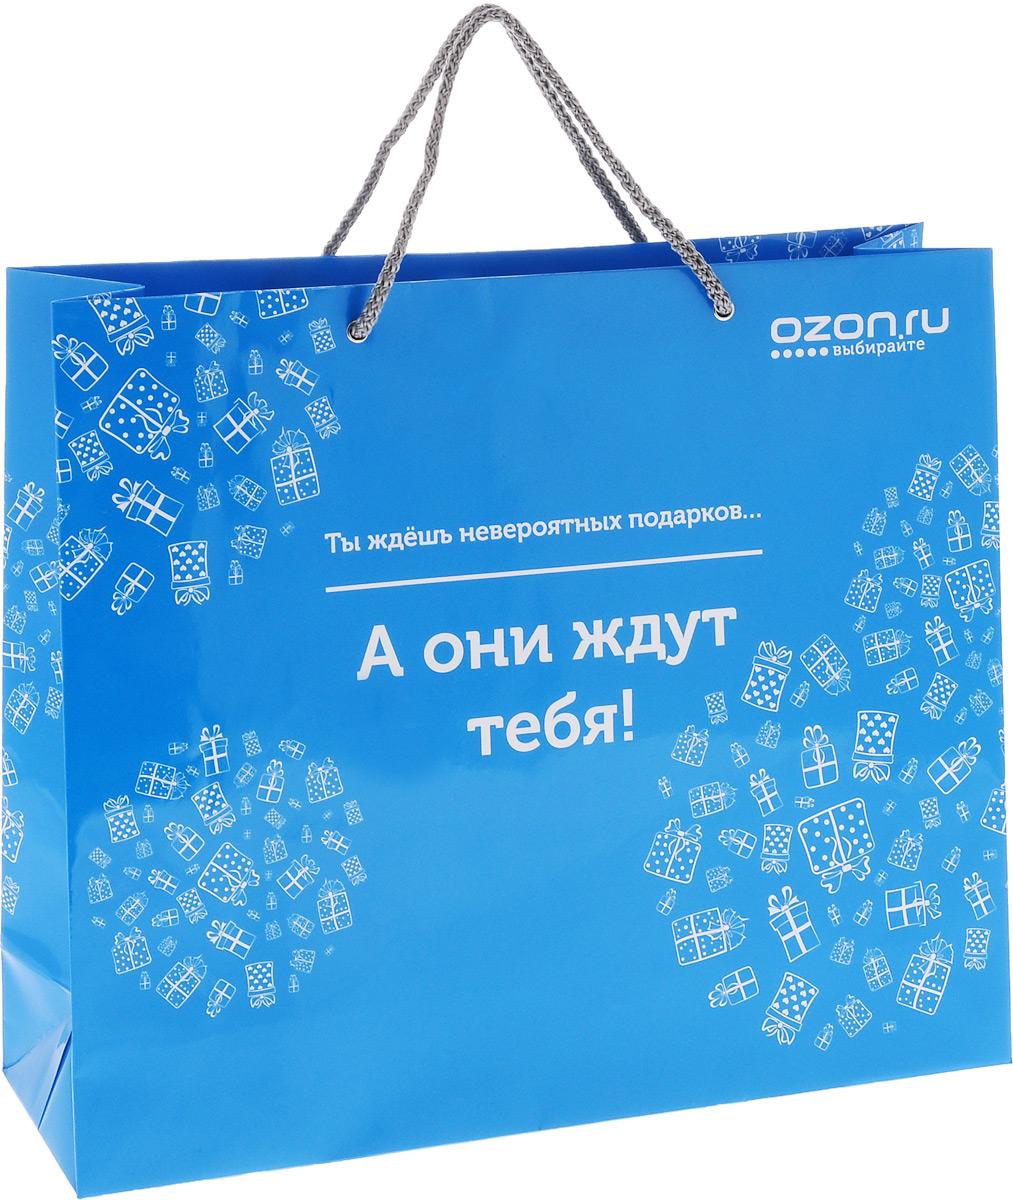 Пакет подарочный OZON.ru Ты ждешь невероятных подарков... А они ждут тебя!, 36 х 31 х 10 смУФ-00000929Пакет подарочный OZON.ru Ты ждешь невероятных подарков, а они ждут тебя, изготовленный из ламинированной бумаги, станет незаменимым дополнением к выбранному подарку. Дно изделия укреплено плотным картоном, который позволяет сохранить форму пакета и исключает возможность деформации дна под тяжестью подарка. Для удобной переноски предусмотрены два шнурка. Подарок, преподнесенный в оригинальной упаковке, всегда будет самым эффектным и запоминающимся. Окружите близких людей вниманием и заботой, вручив презент в нарядном, праздничном оформлении.